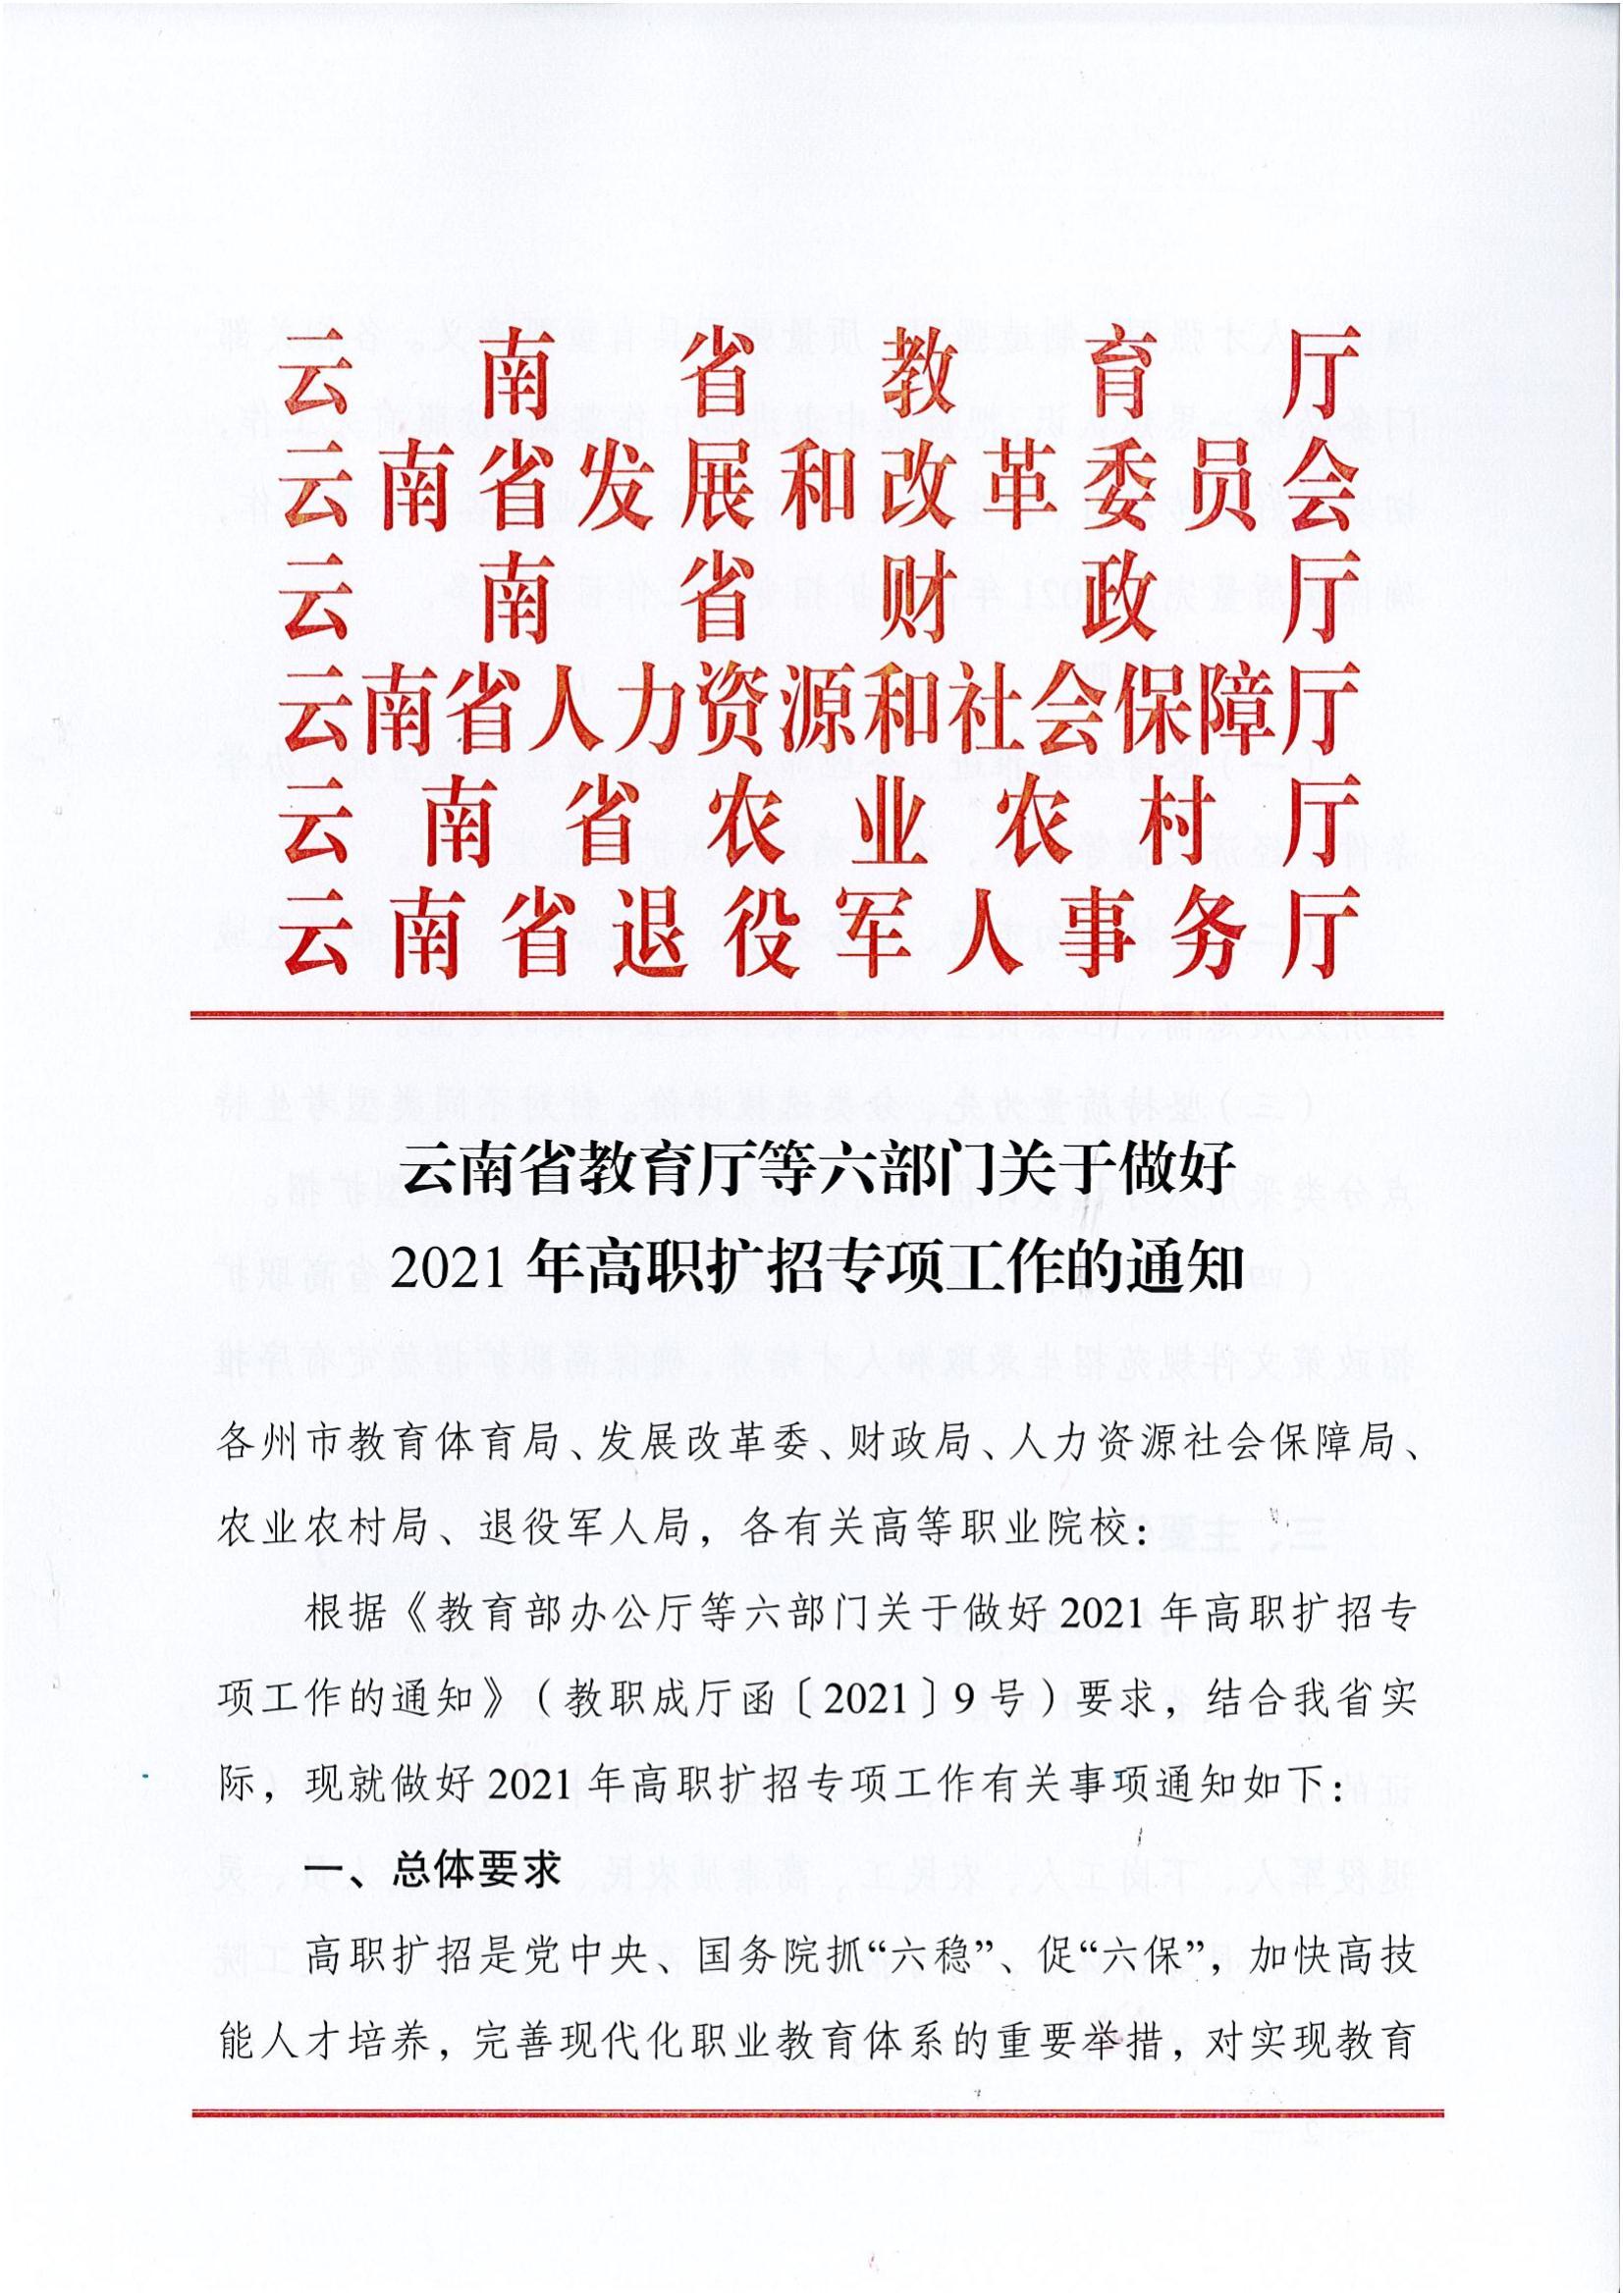 云南省教育厅发布2021年高职扩招文件